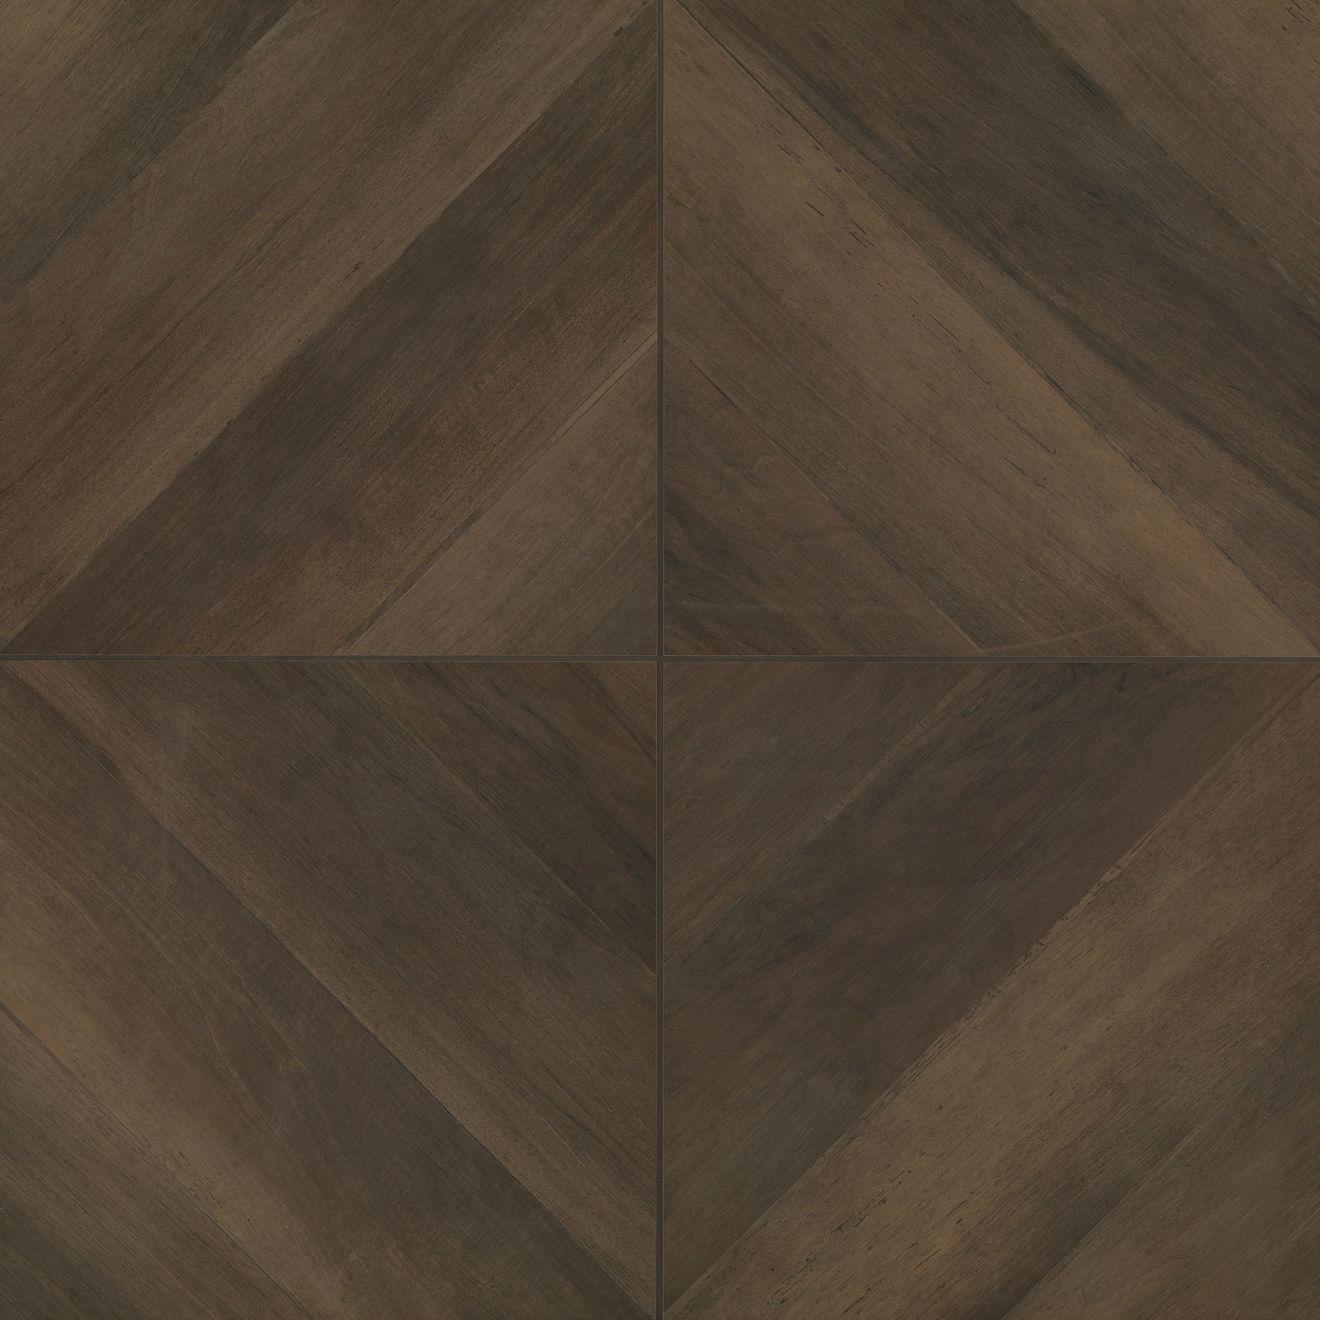 """Antique 24"""" x 24"""" Floor & Wall Tile in Wenge"""